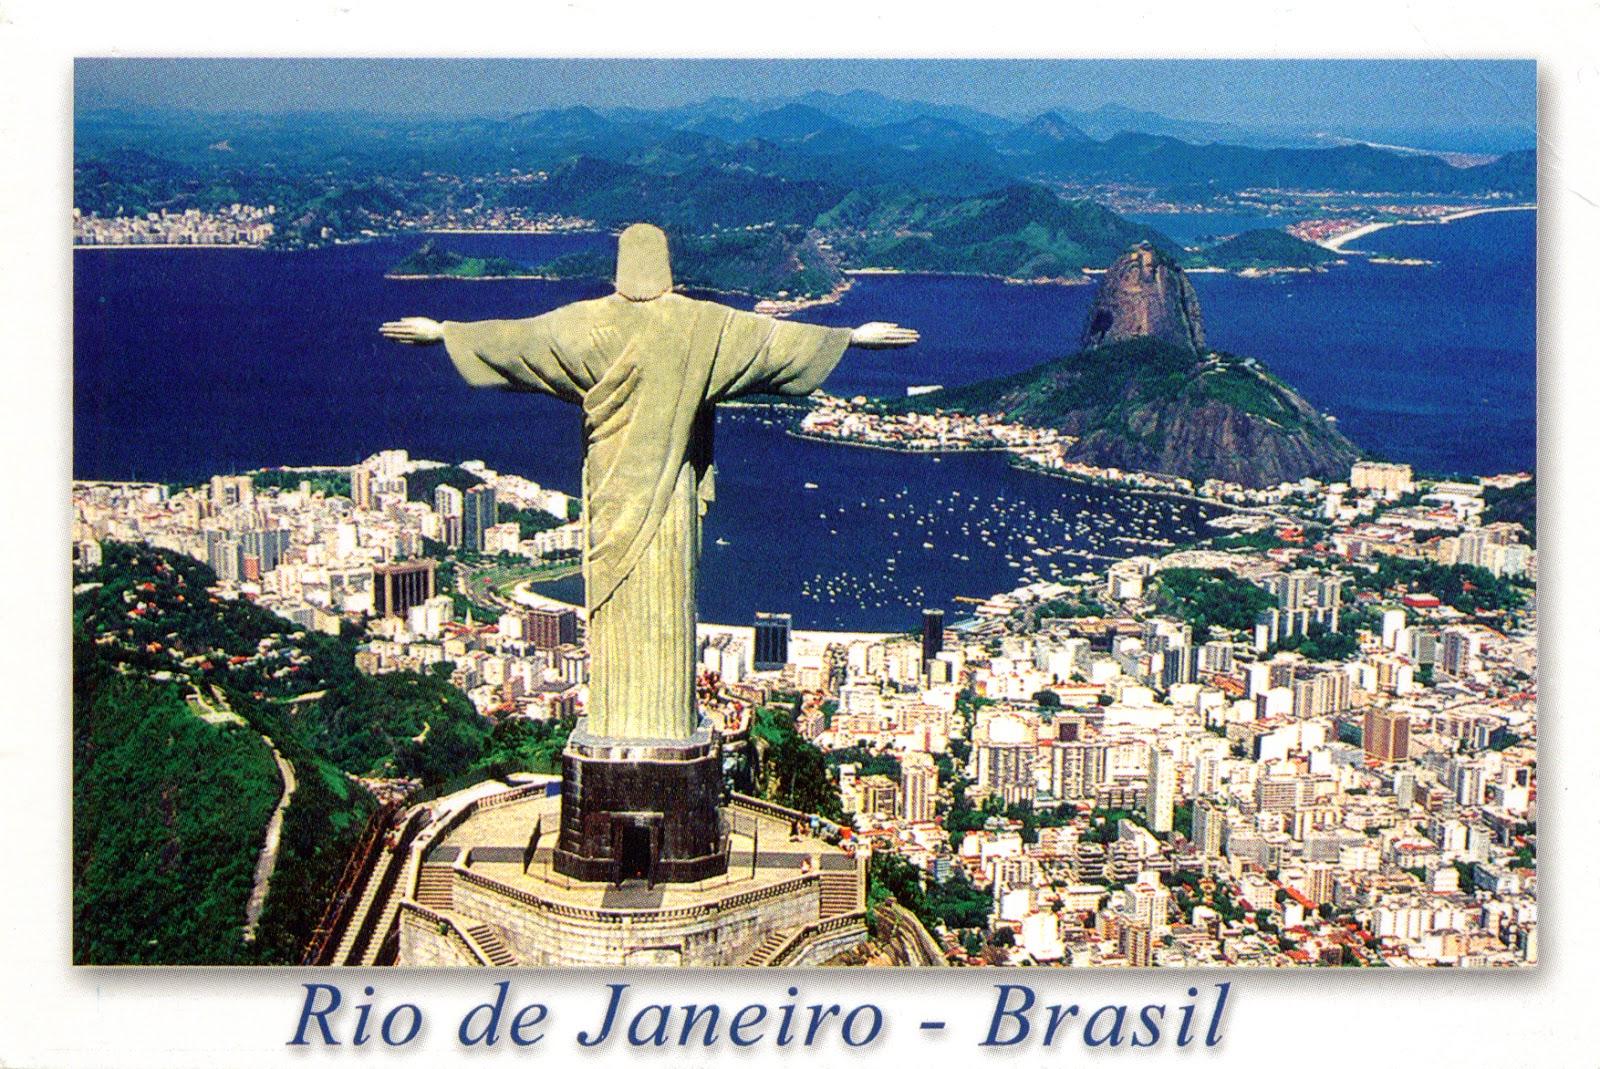 0369 BRAZIL Rio de Janeiro  Rio de Janeiro: Carioca Landscapes